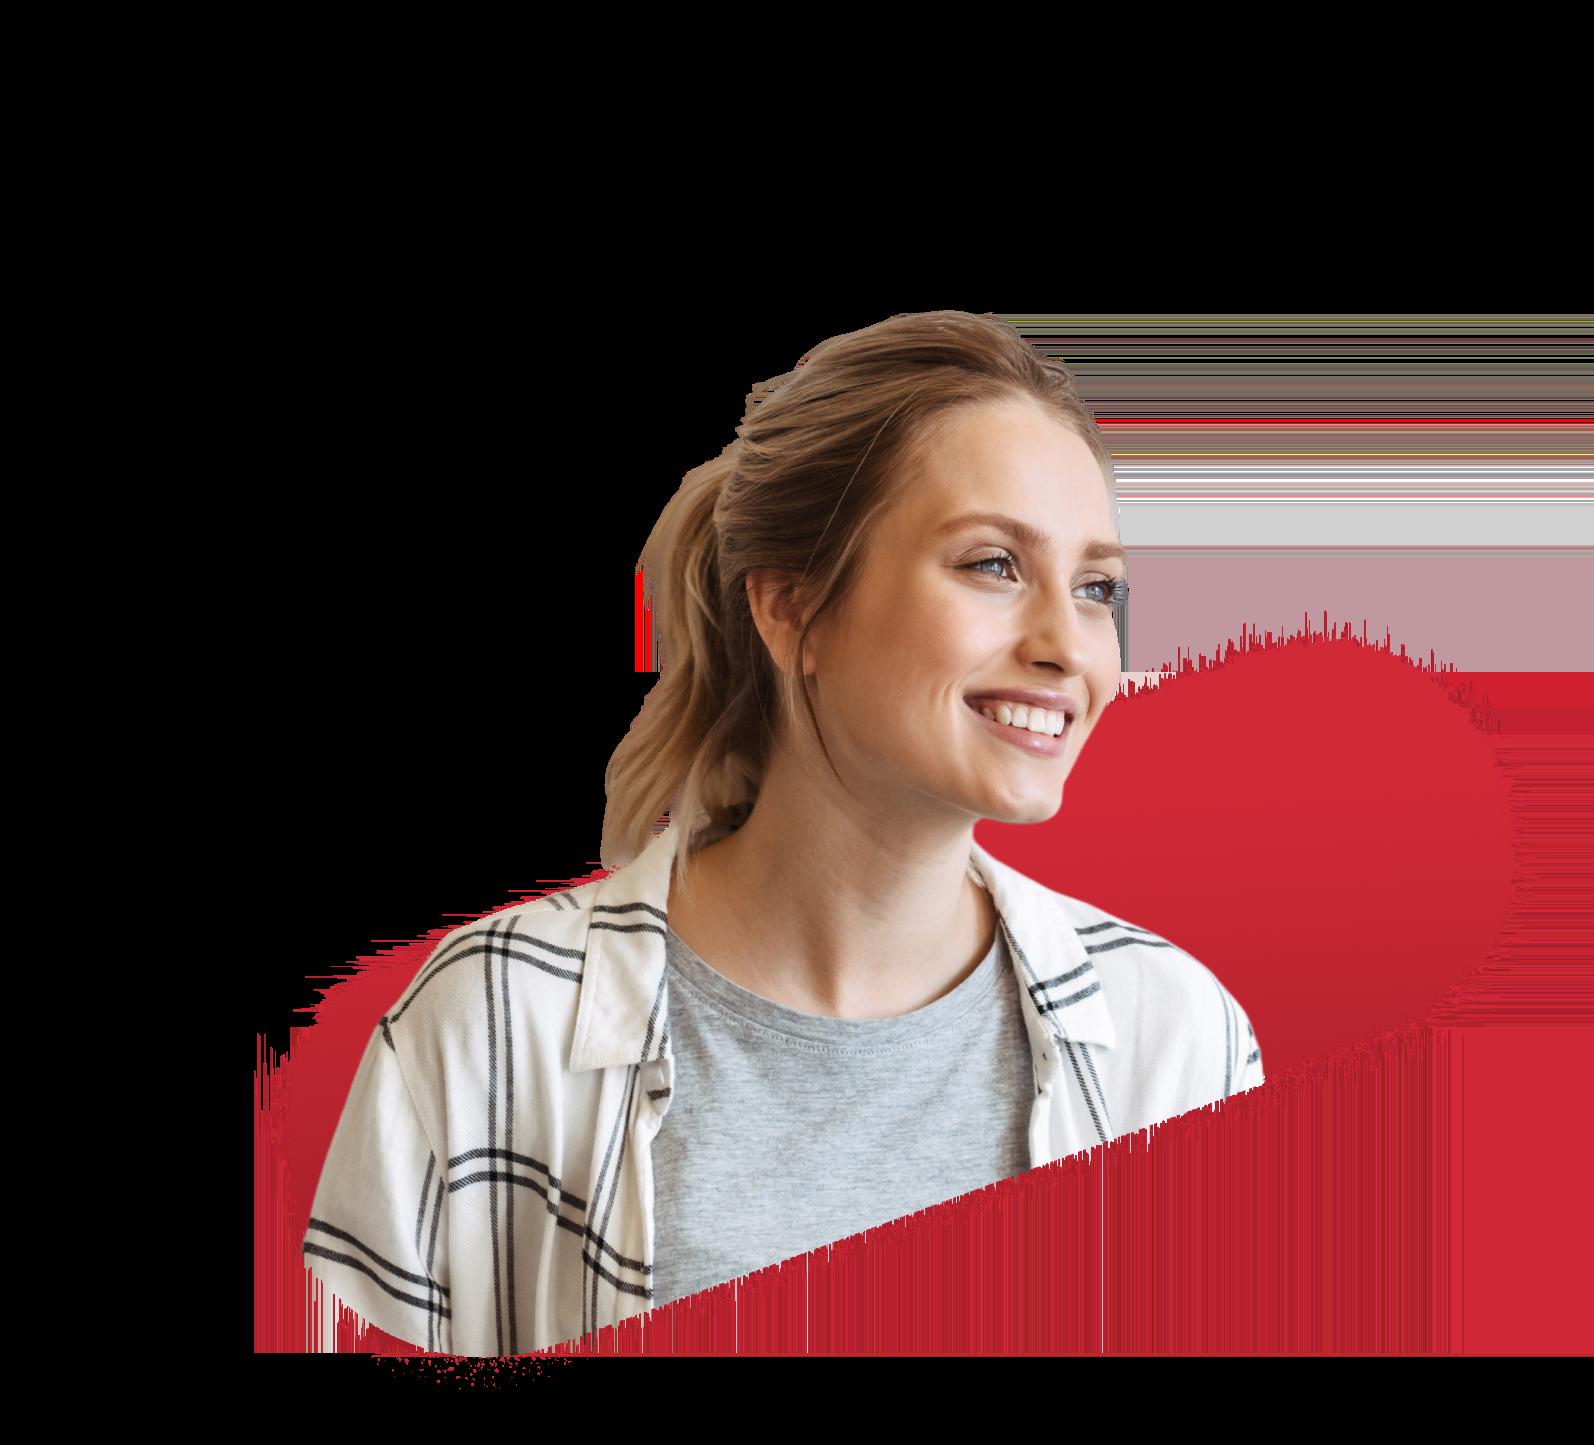 Pionner de la publicité digitale programmatique - Personnes souriante